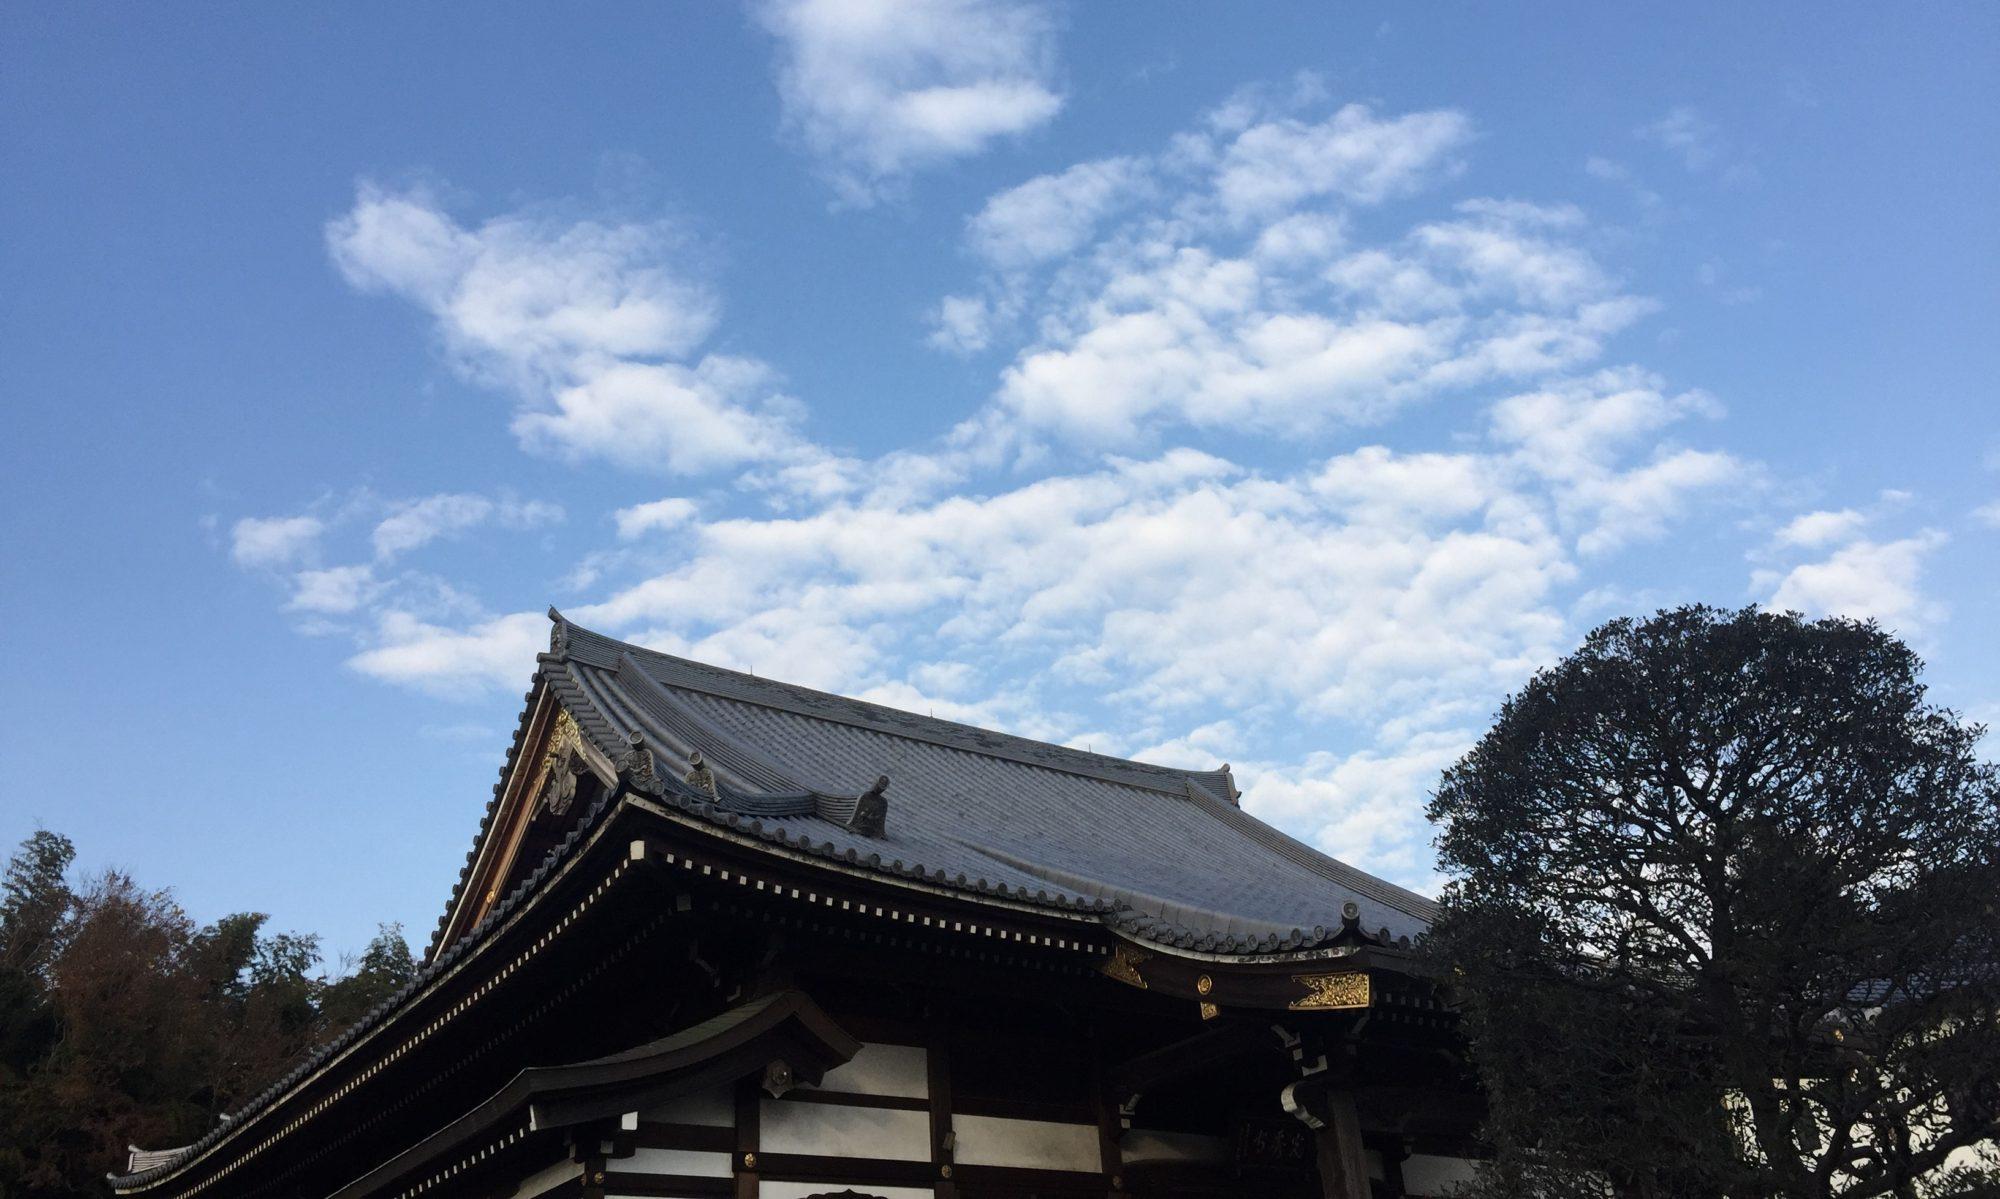 曹洞宗 光秀寺